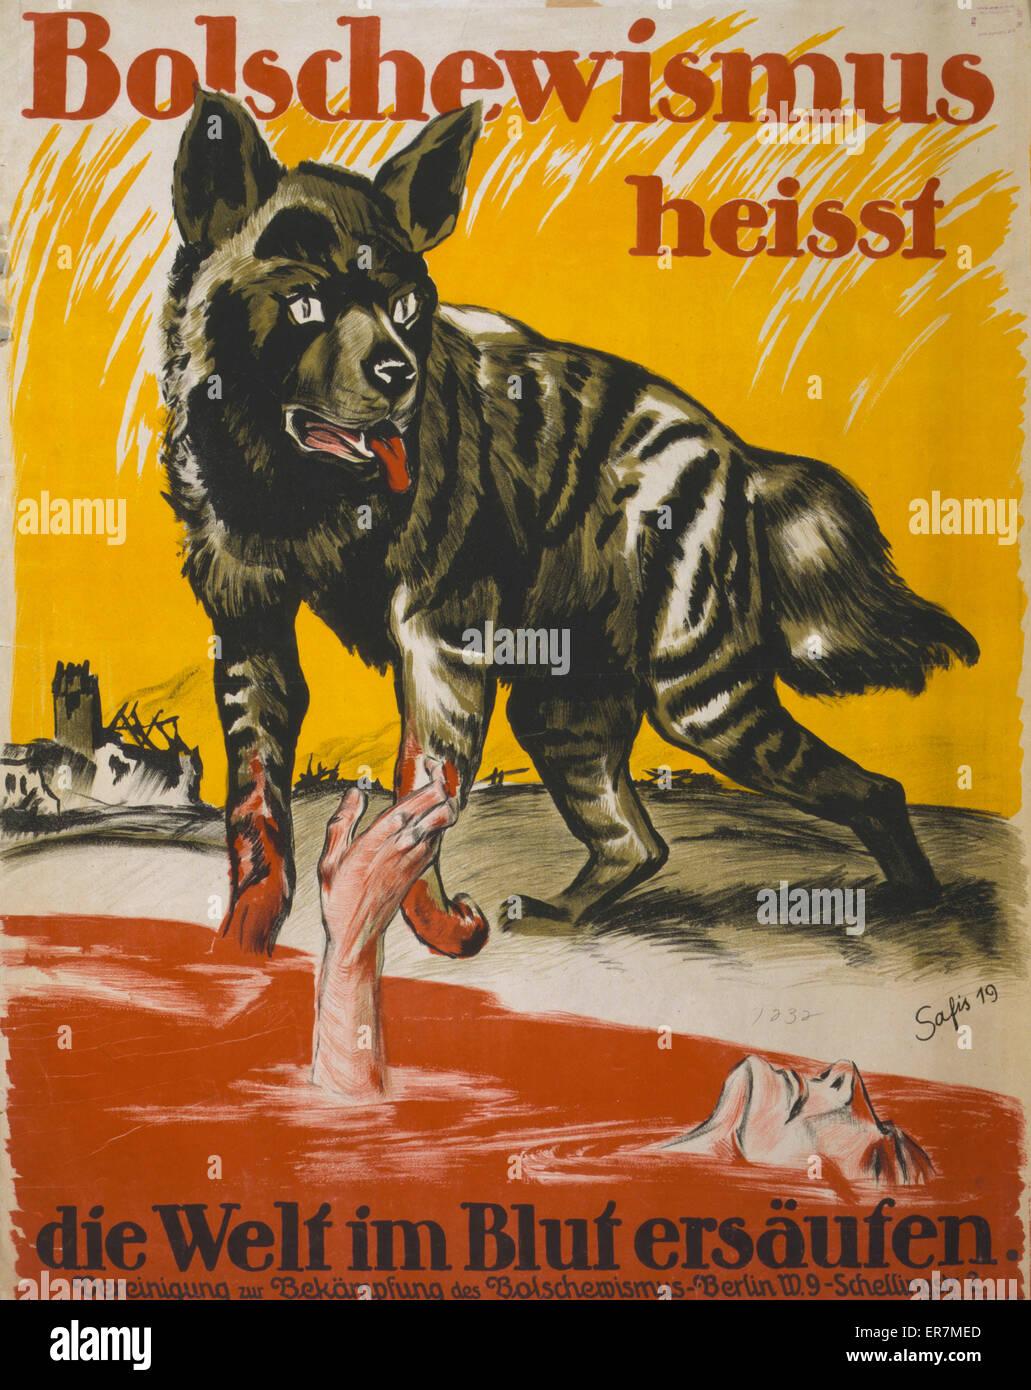 Bolschewismus heisst Welt im Blut ersaufen Poster